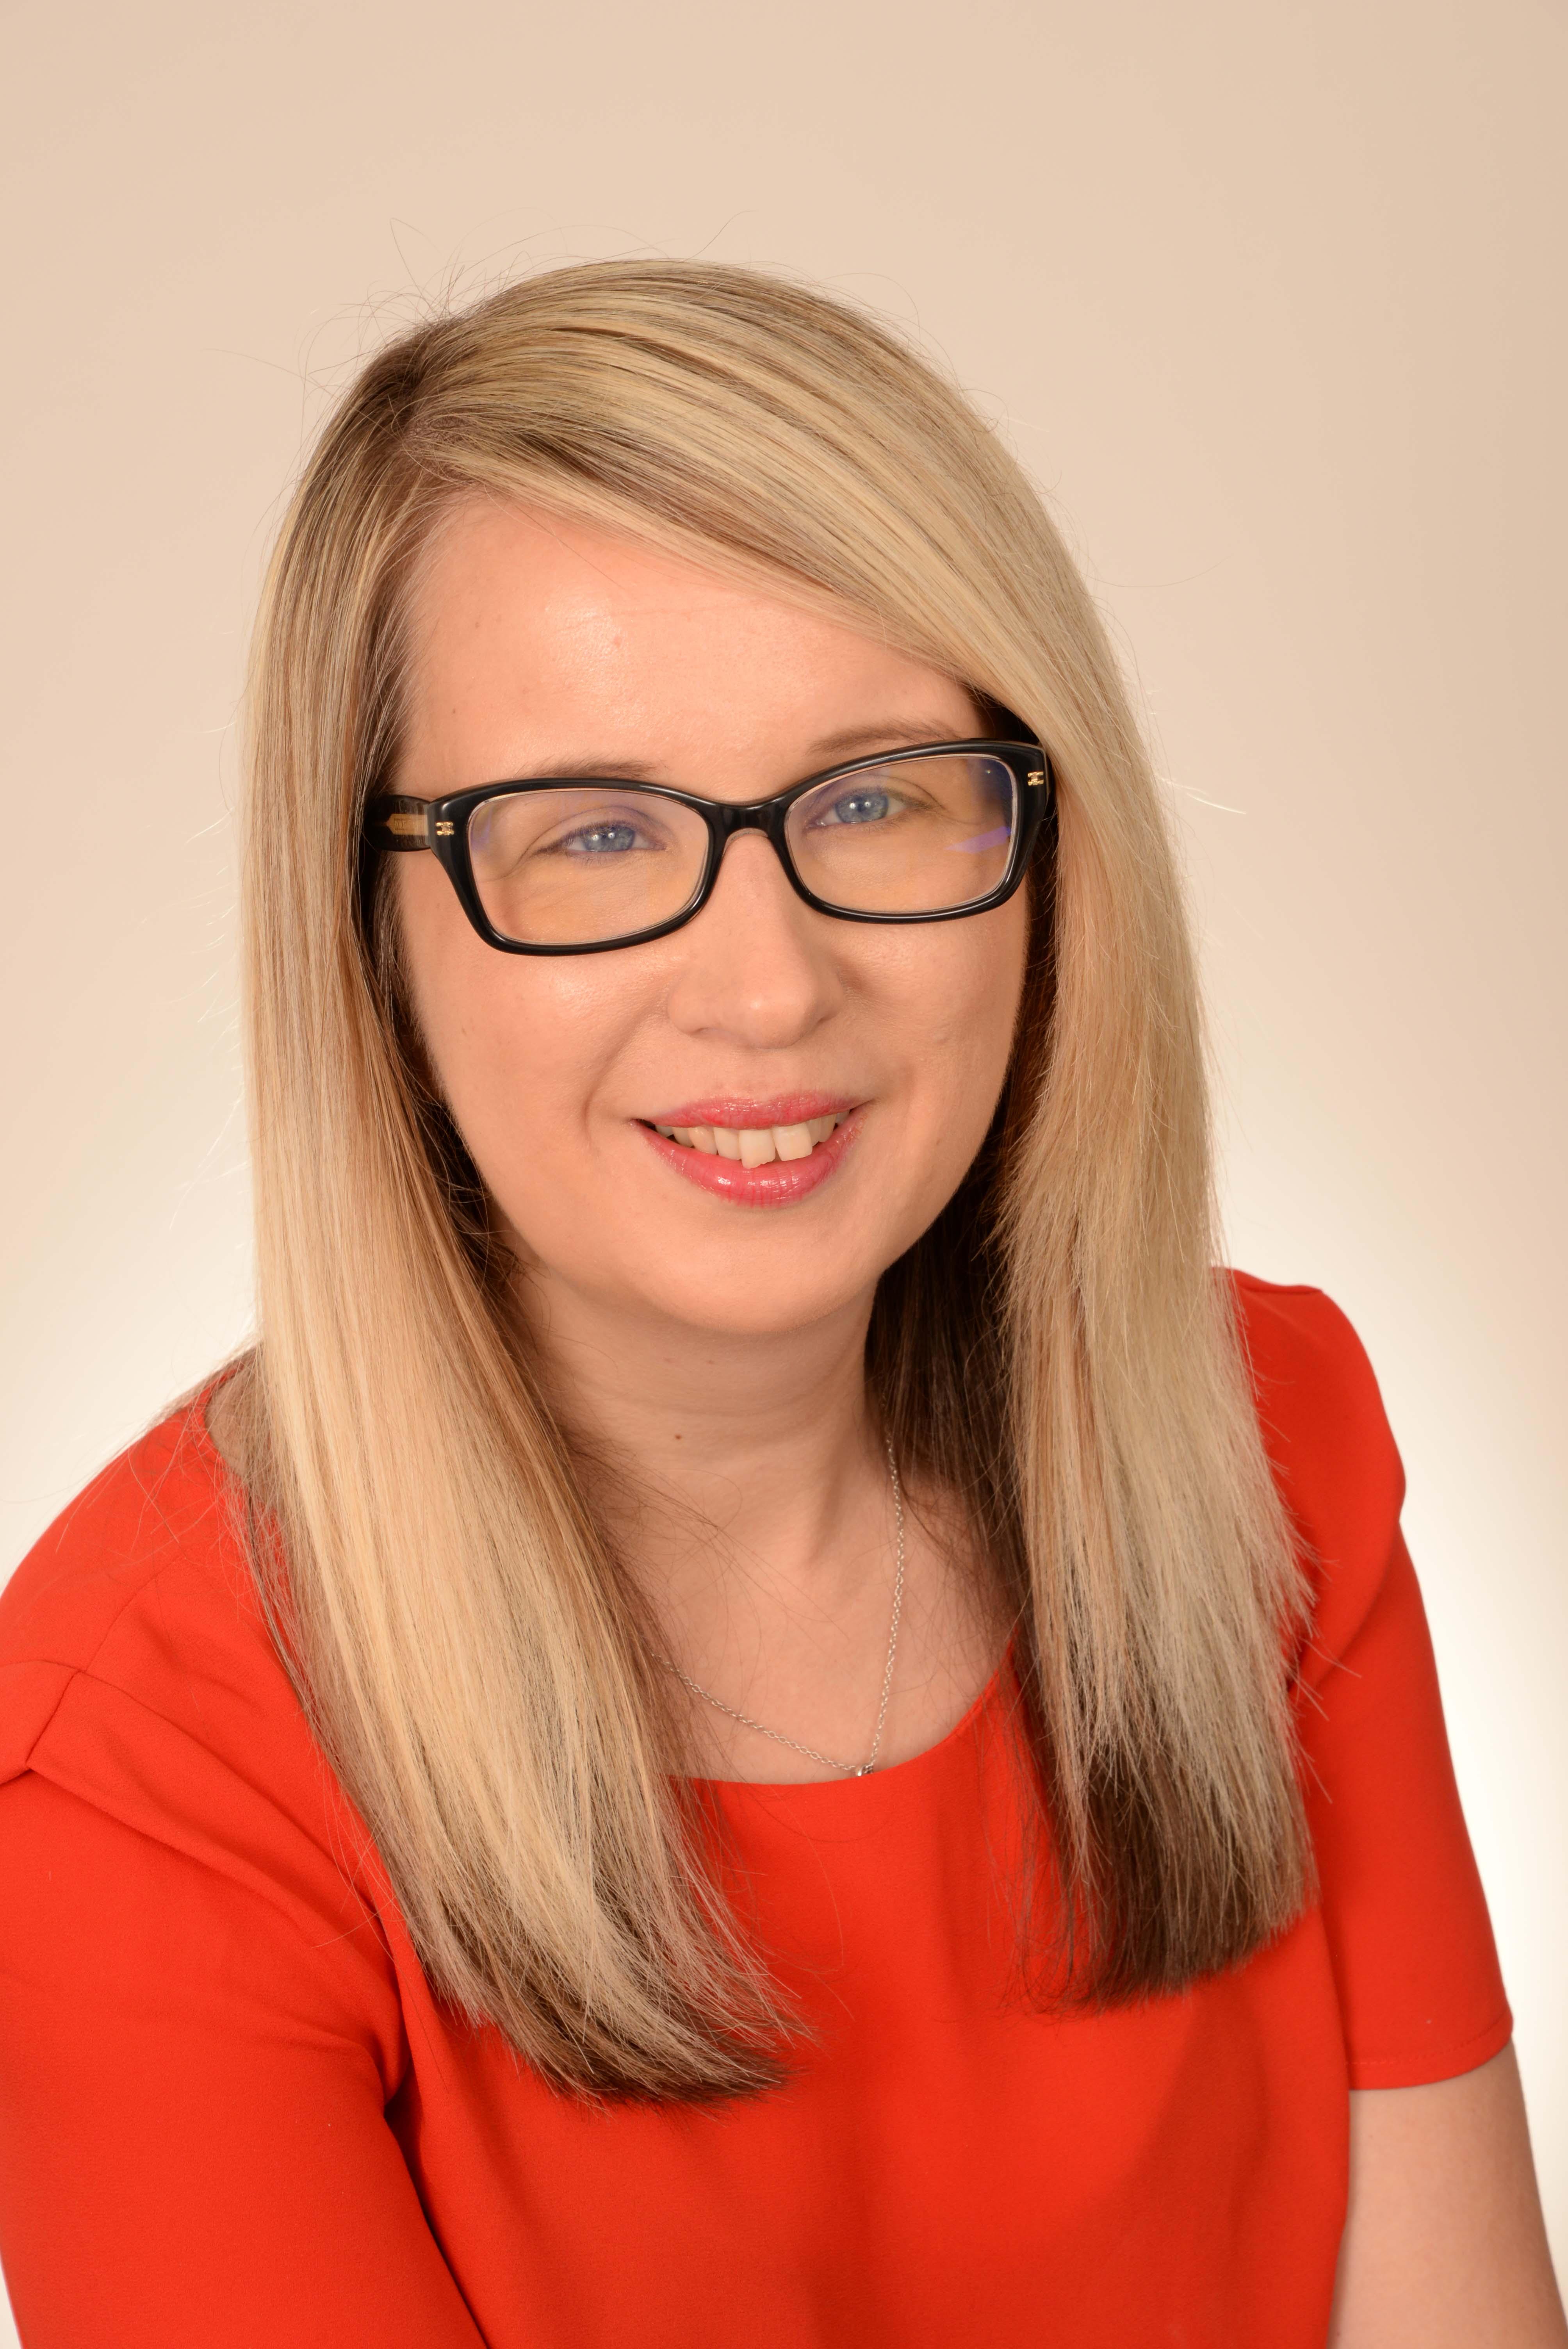 Clare Langman